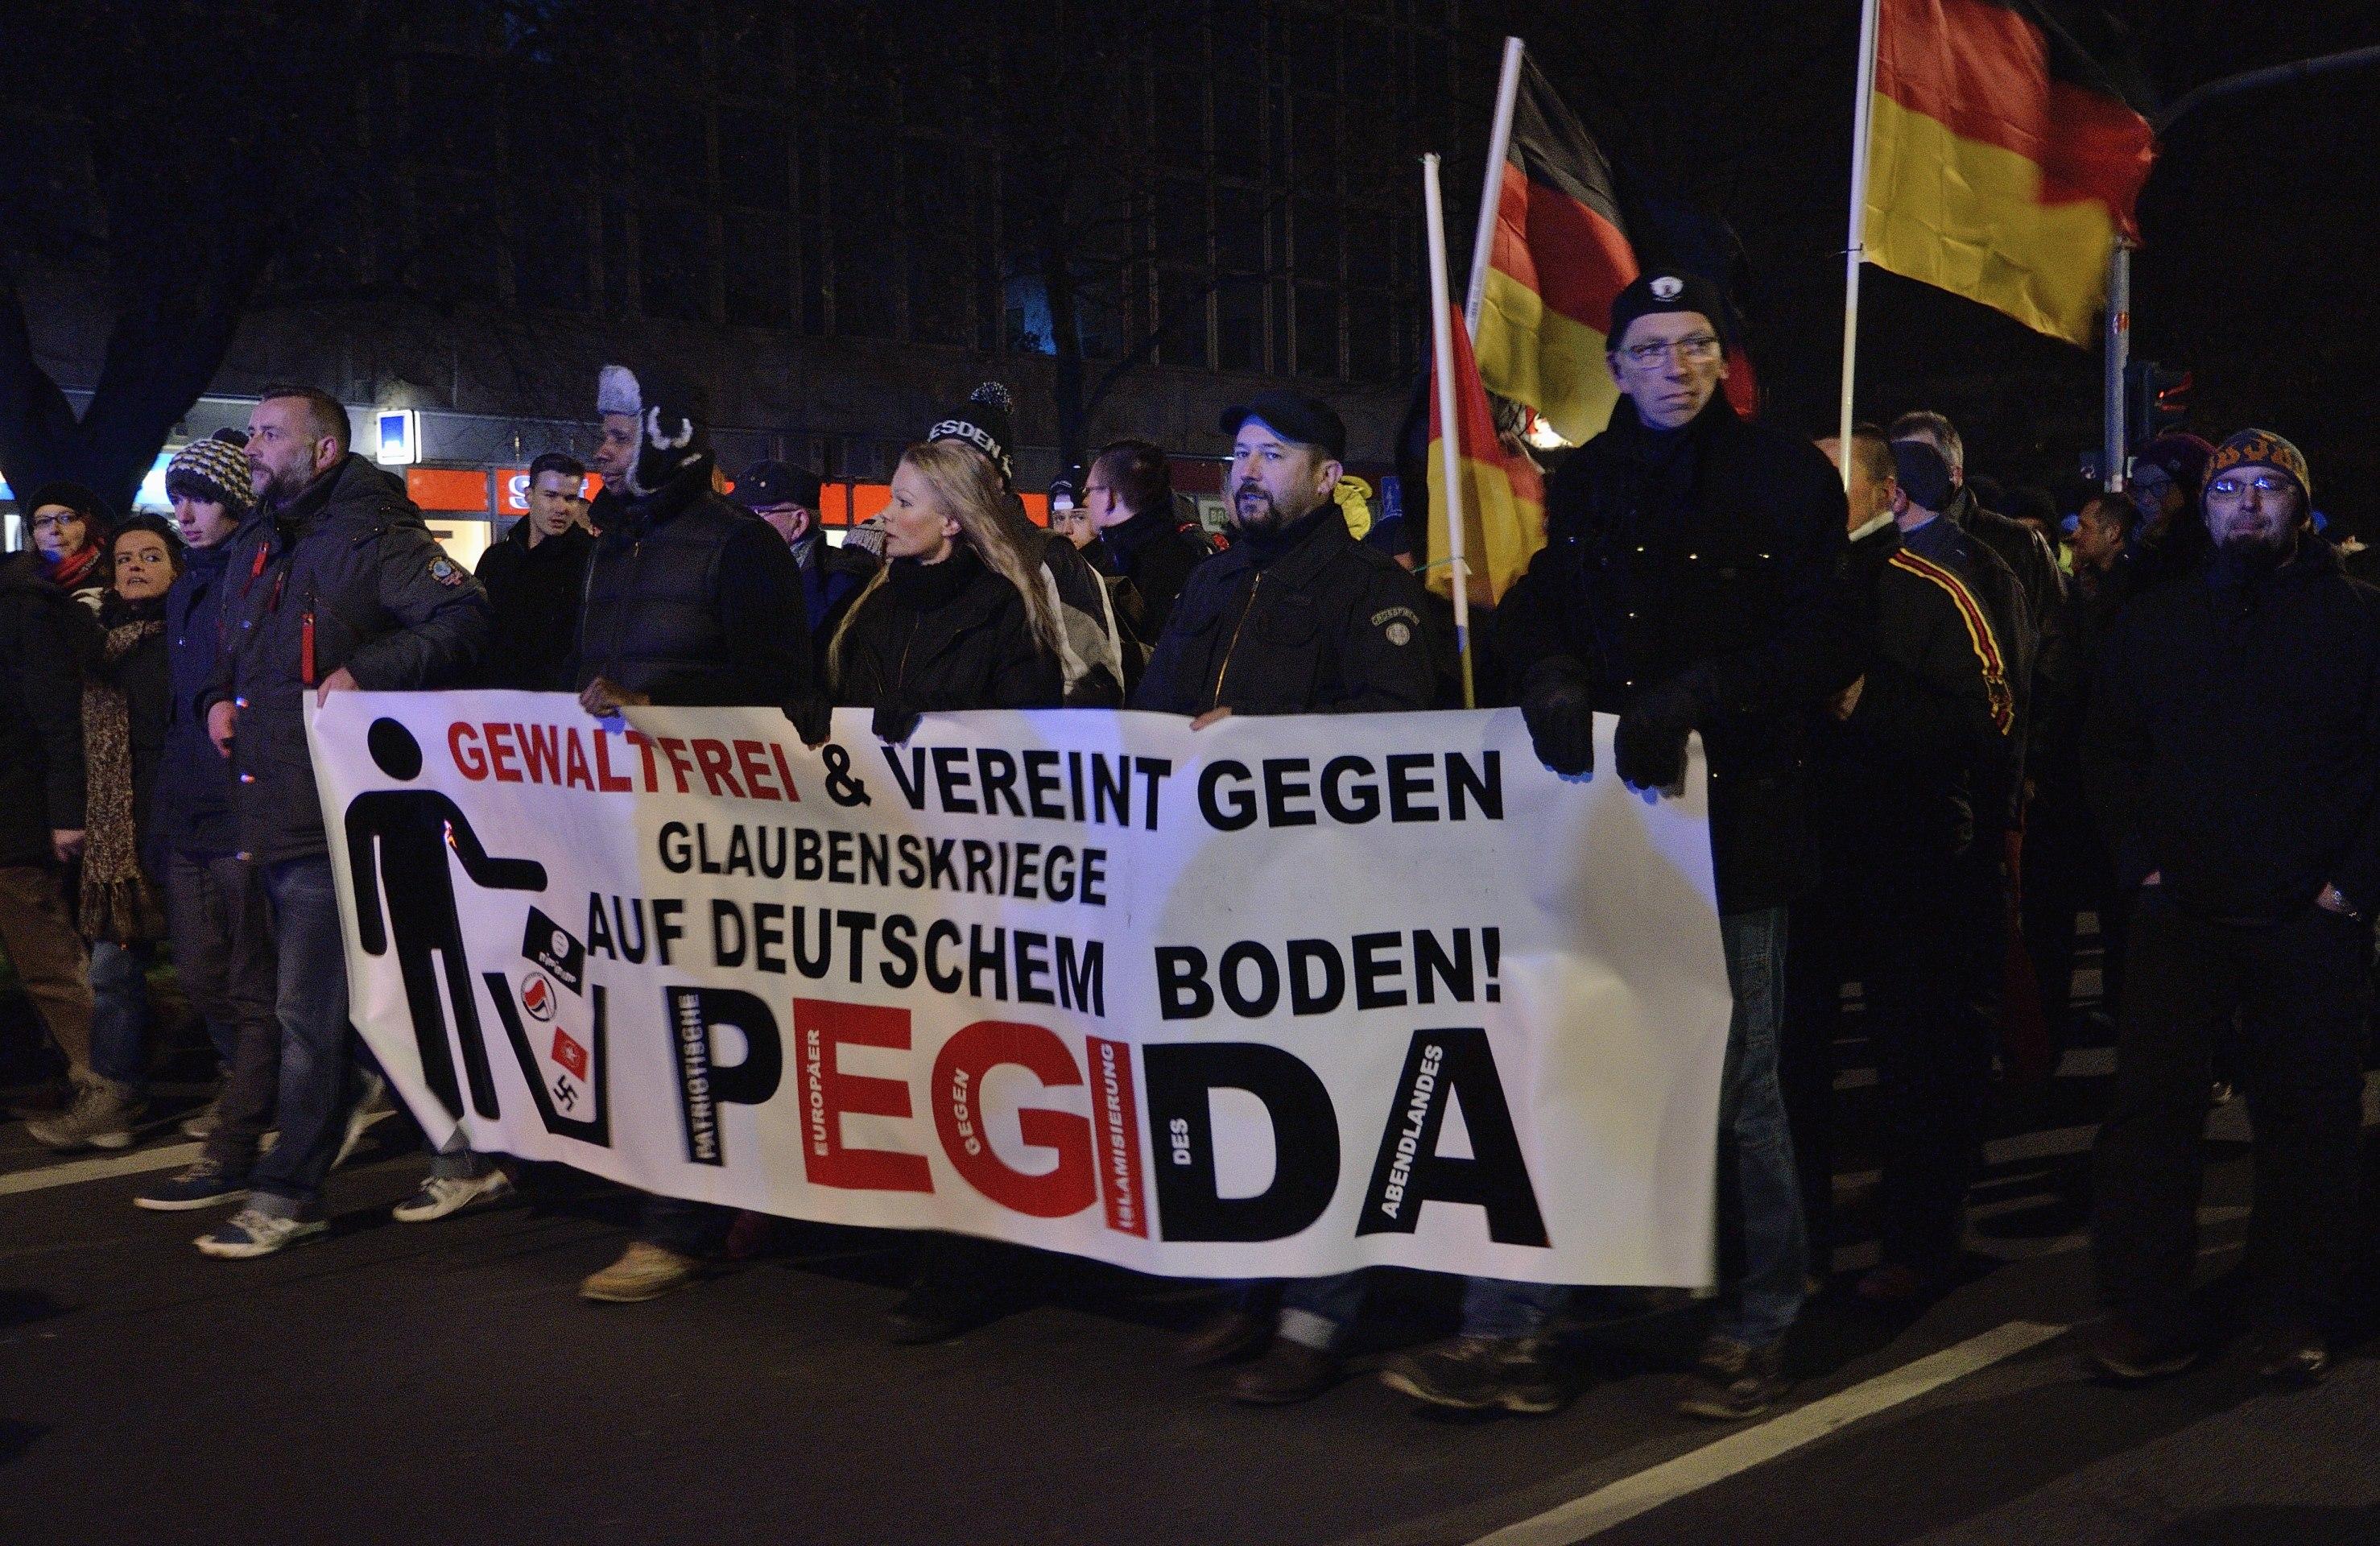 Pegida: il volto anti-Islam della Germania